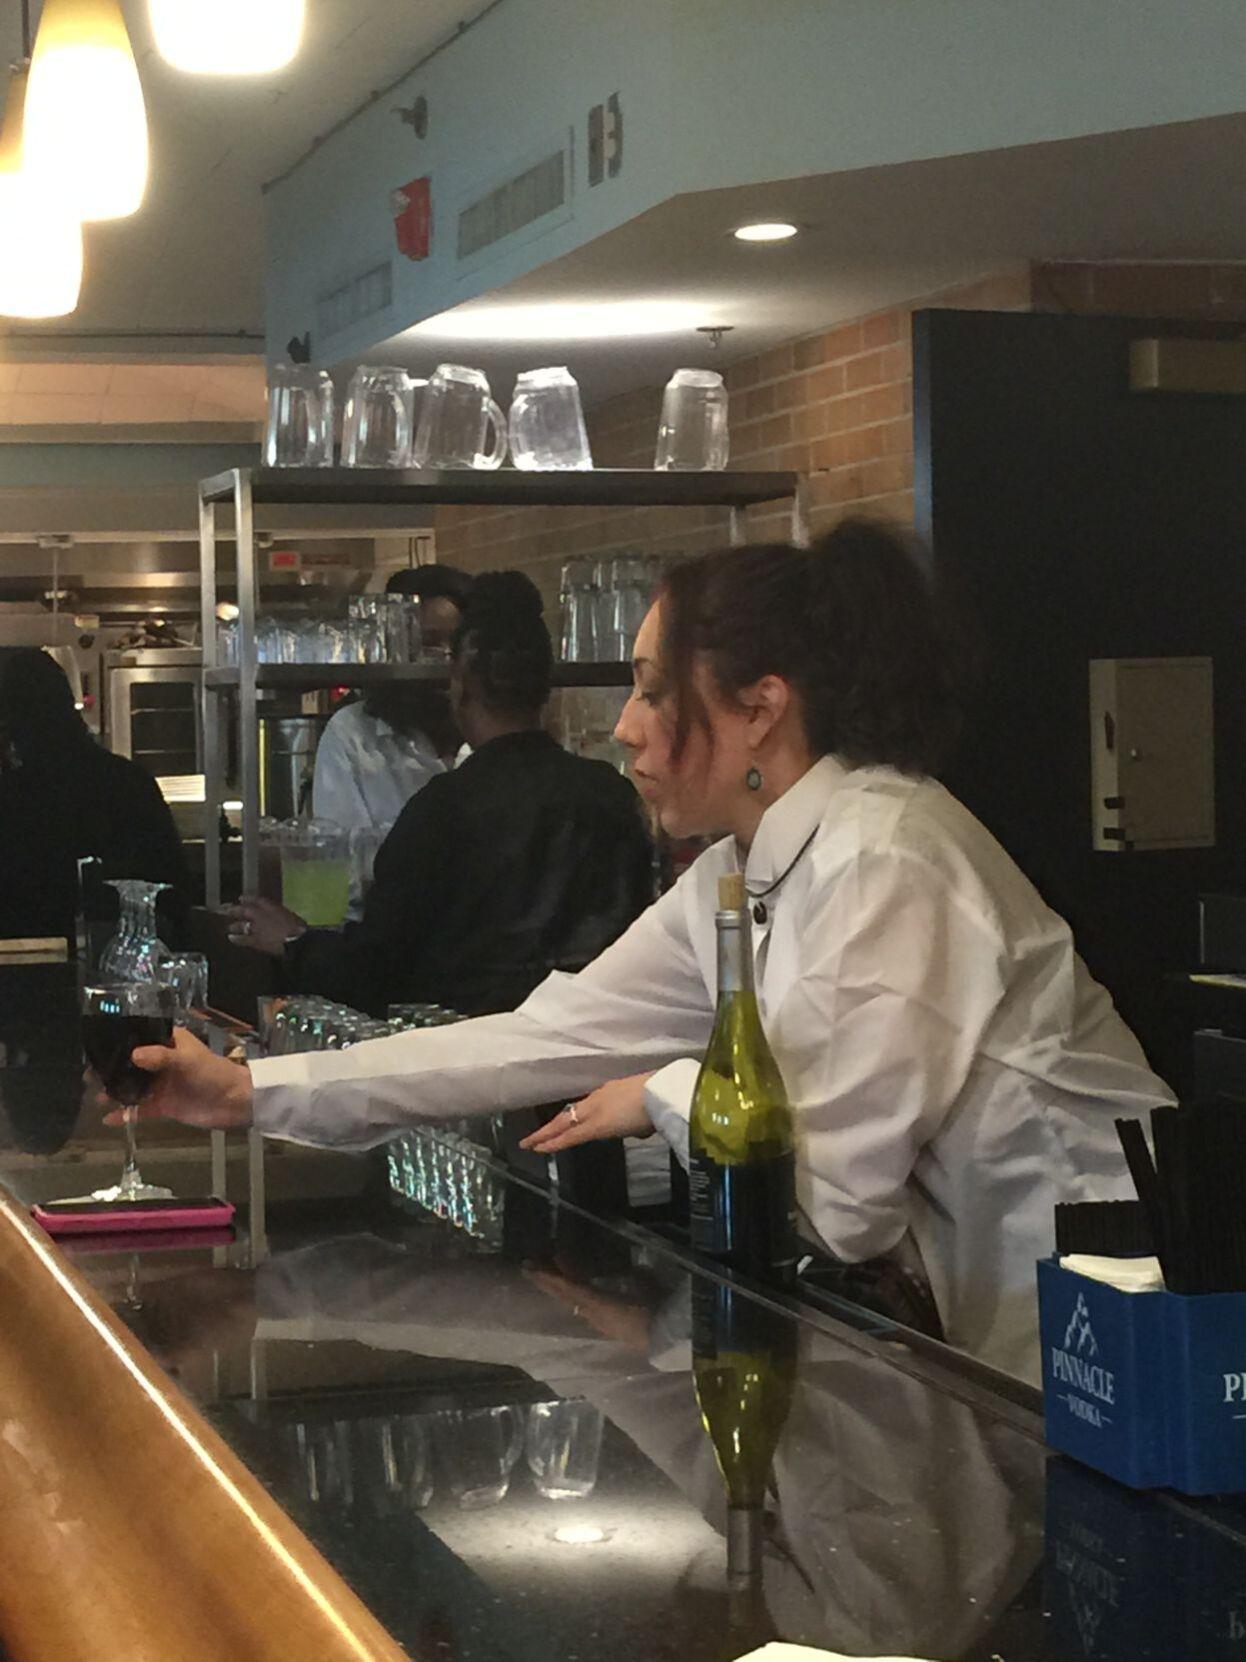 Bartender Andrea Velasquez in WAGING CHANGE